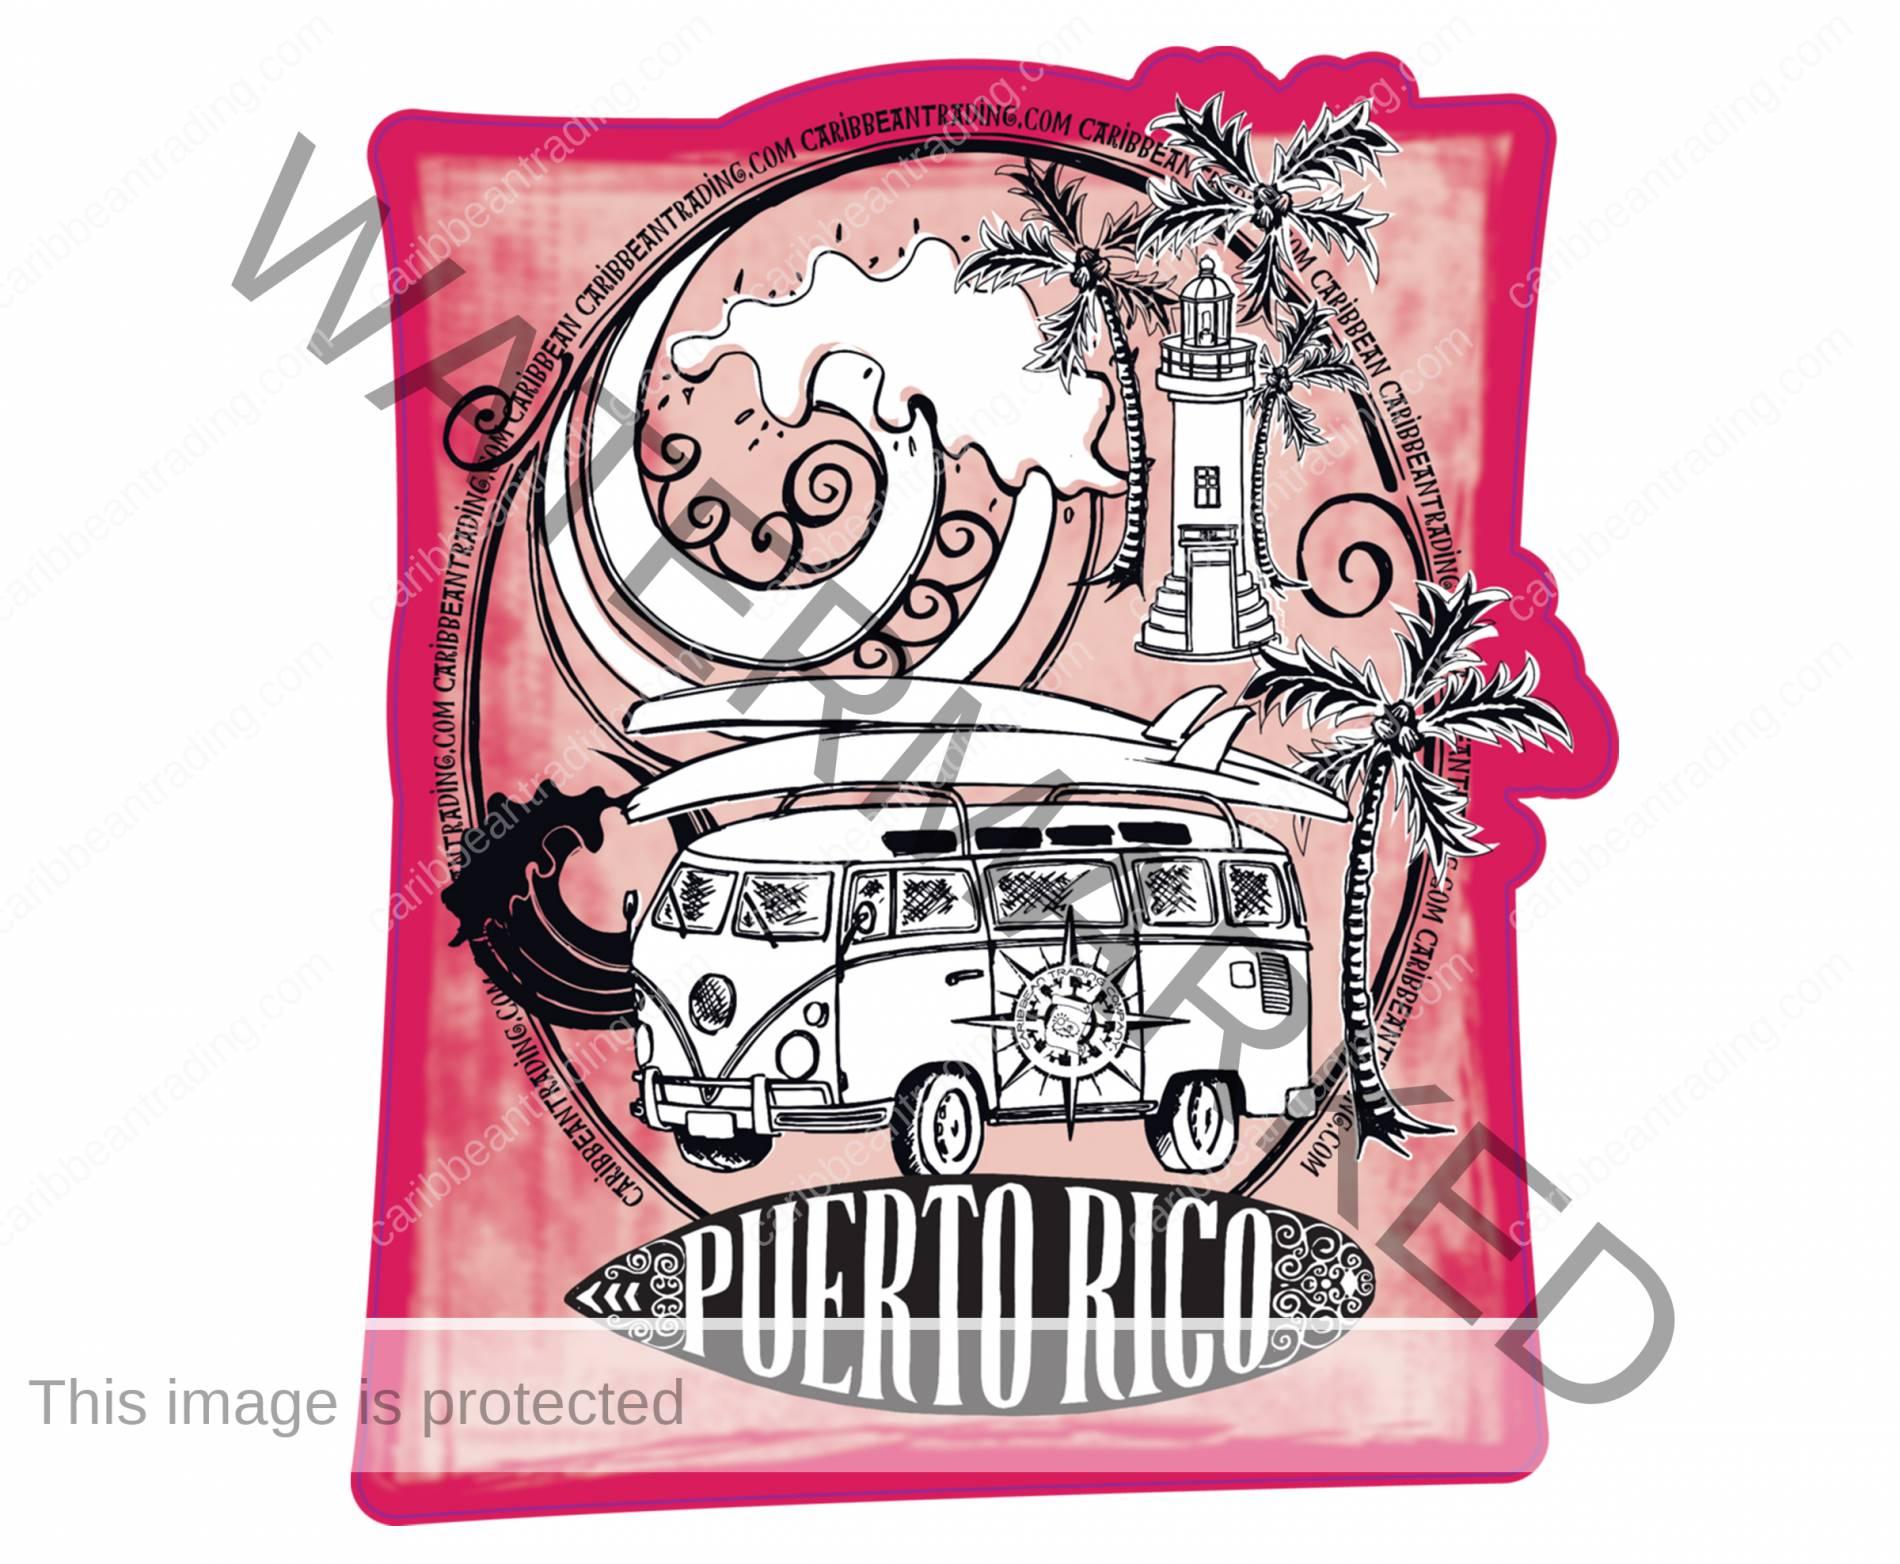 Puerto Rico Surf Volkswagen Sticker w/ FREE SHIPPING!